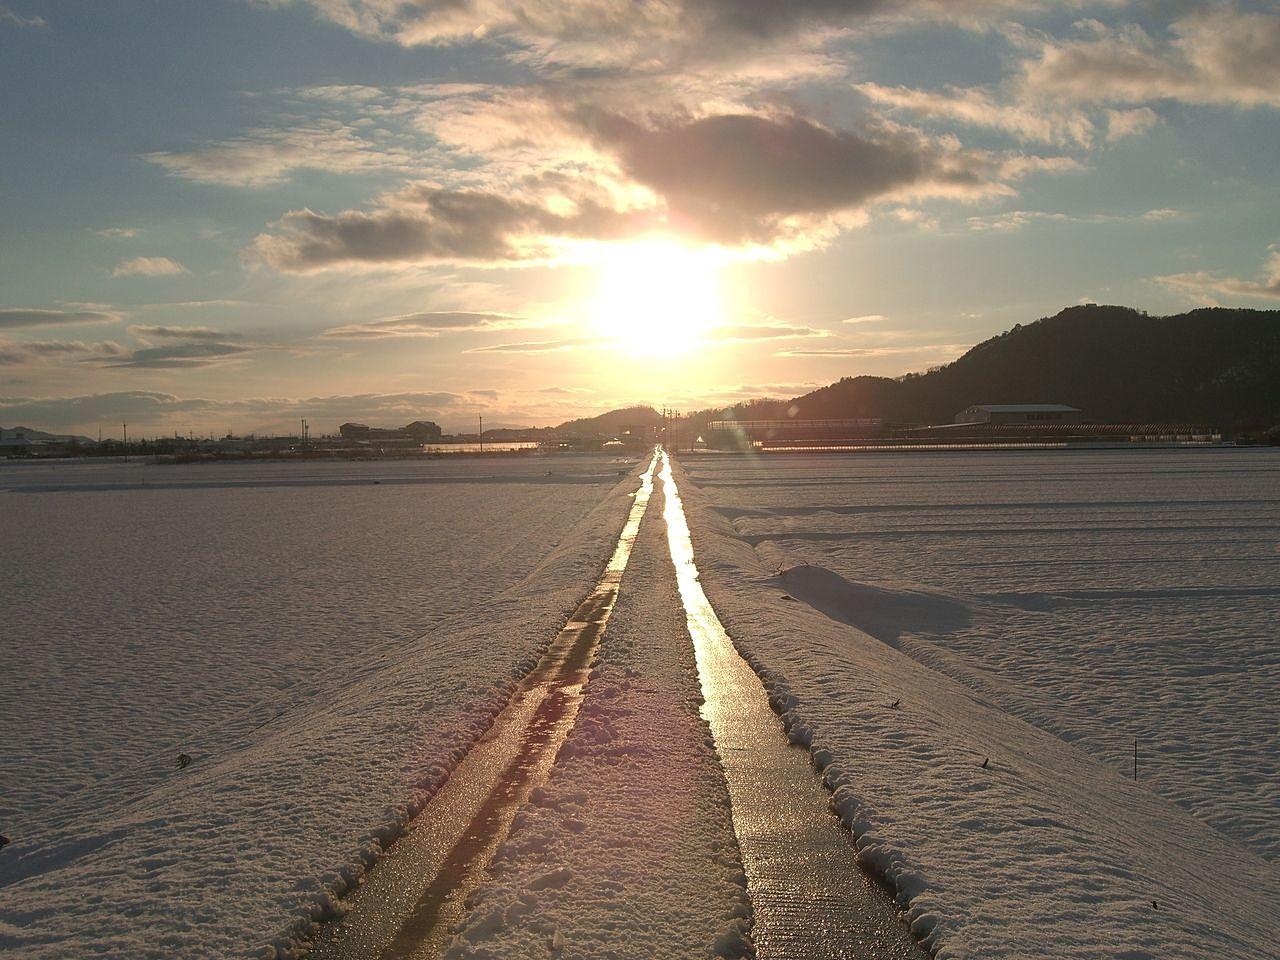 本質を探究し、艱難辛苦しながらも辛い道を進めば、自ずと道は拓ける